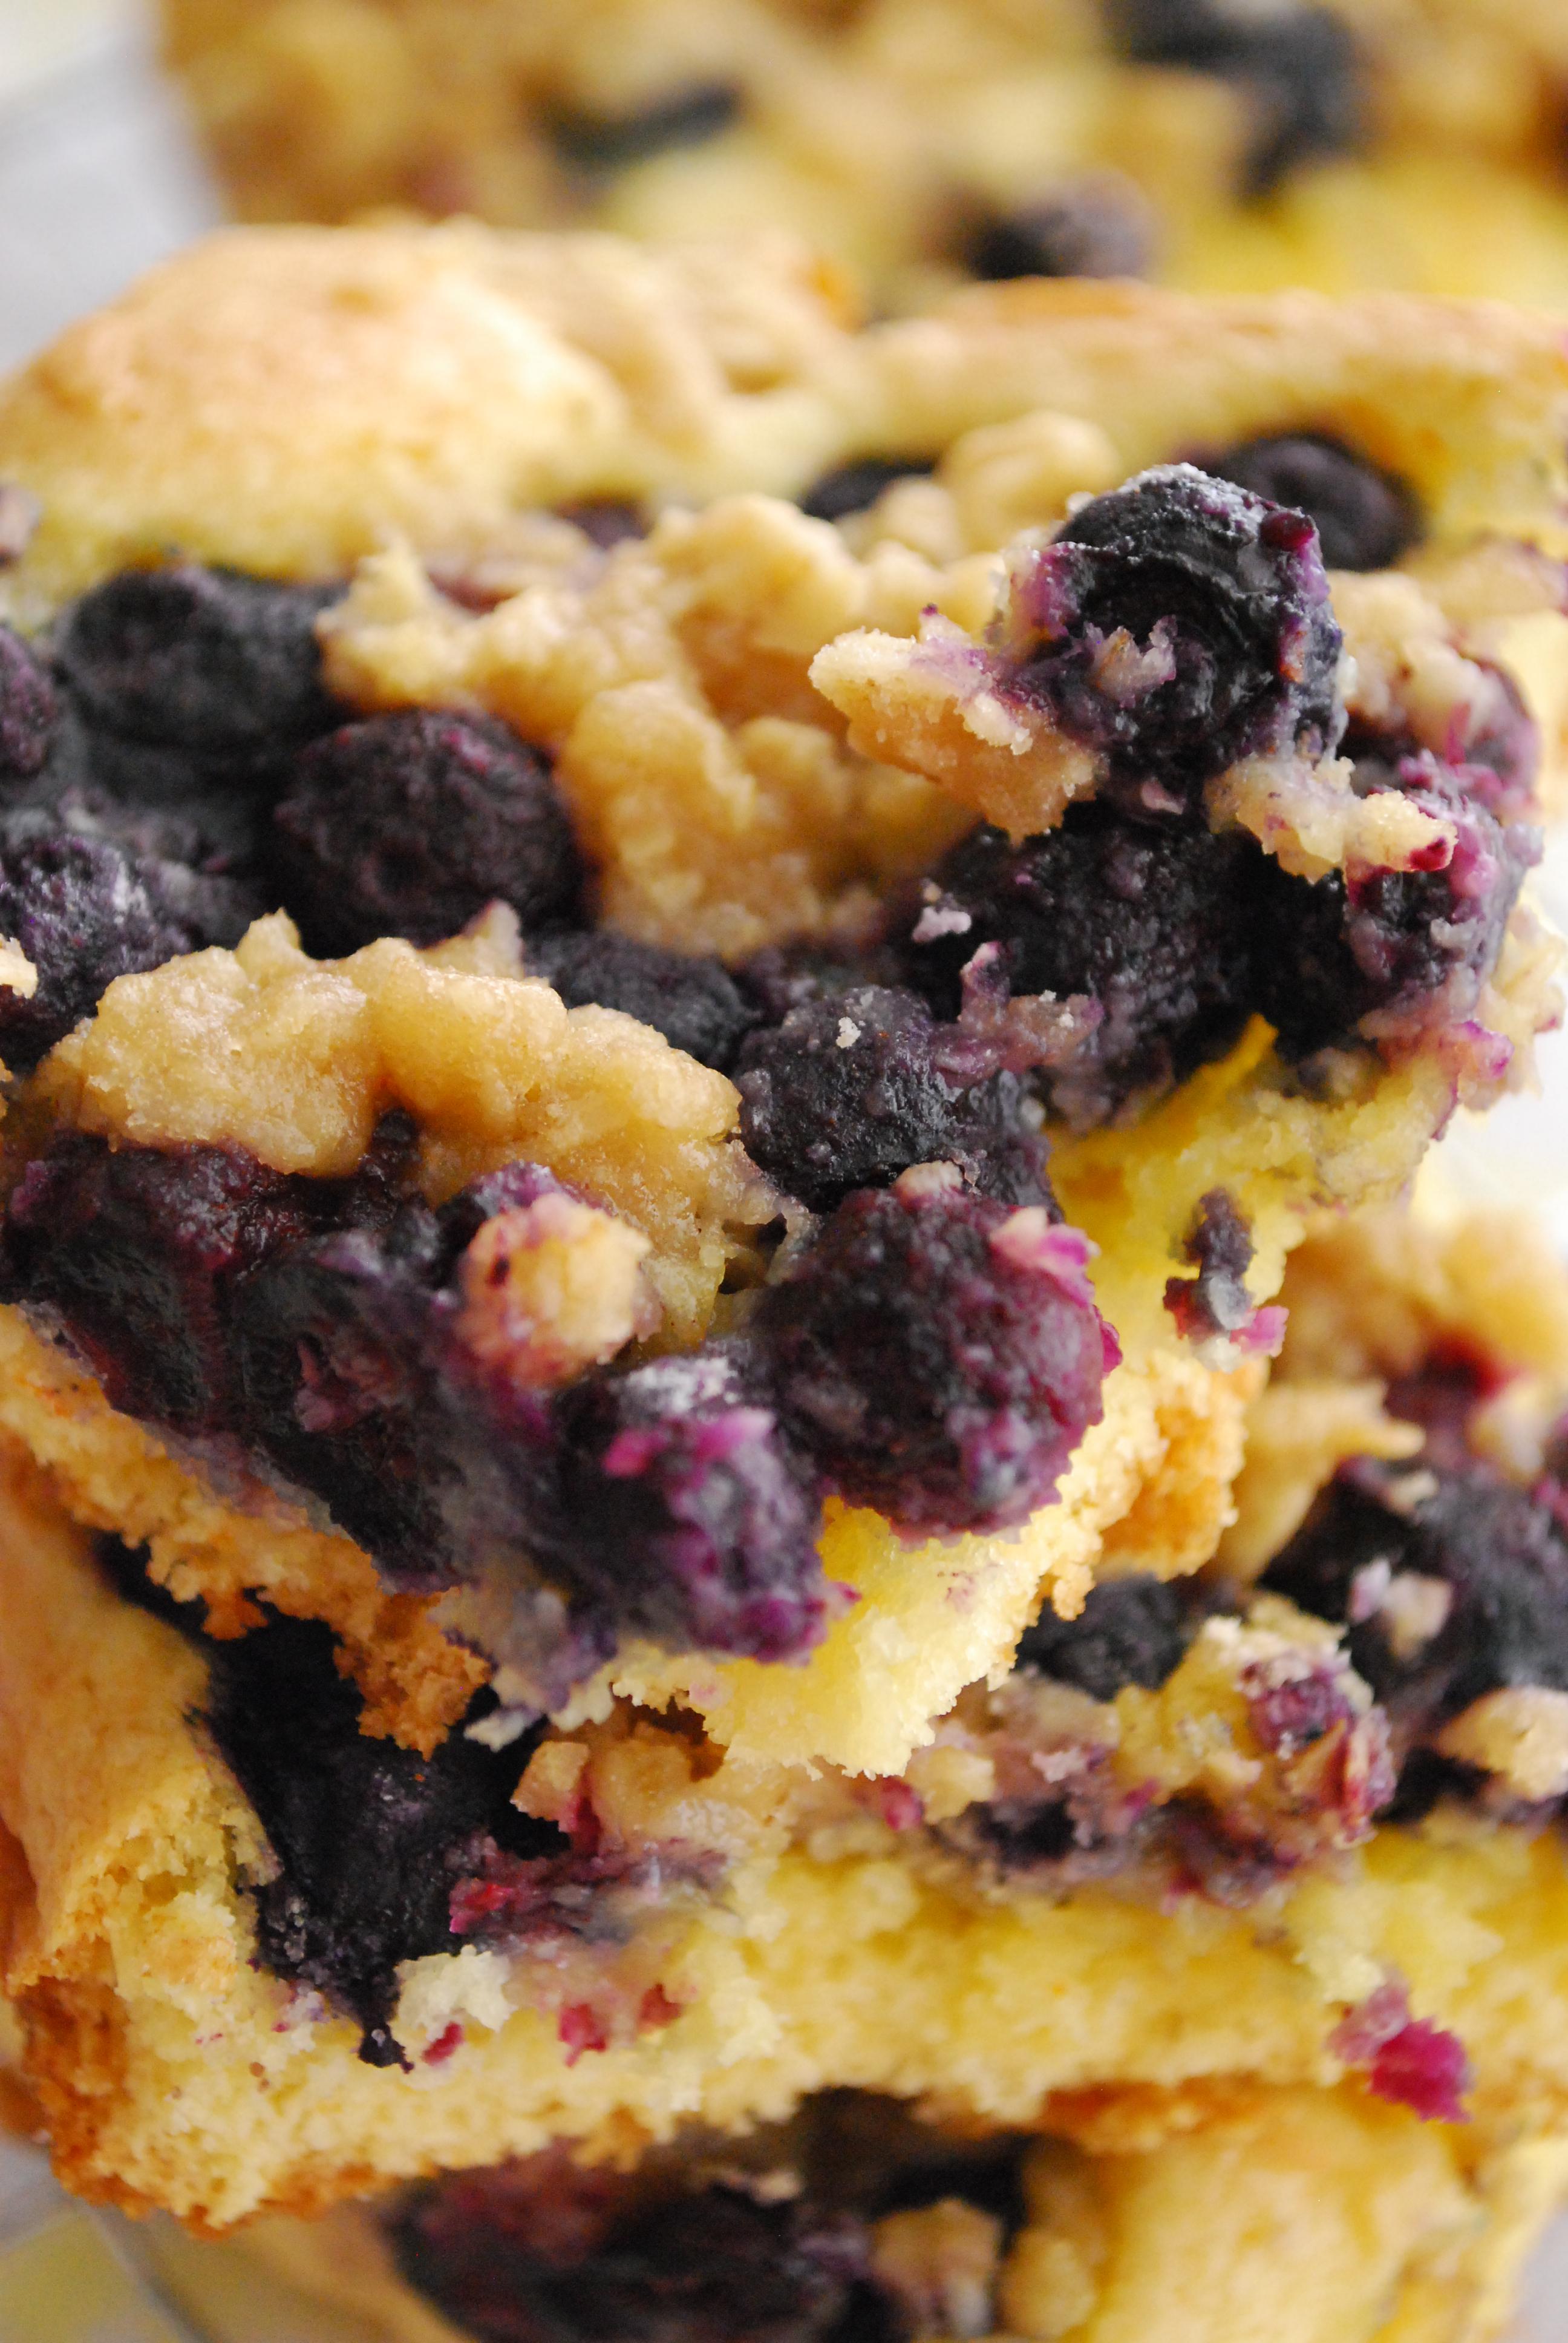 Easy Blueberry Cake Using Cake Mix